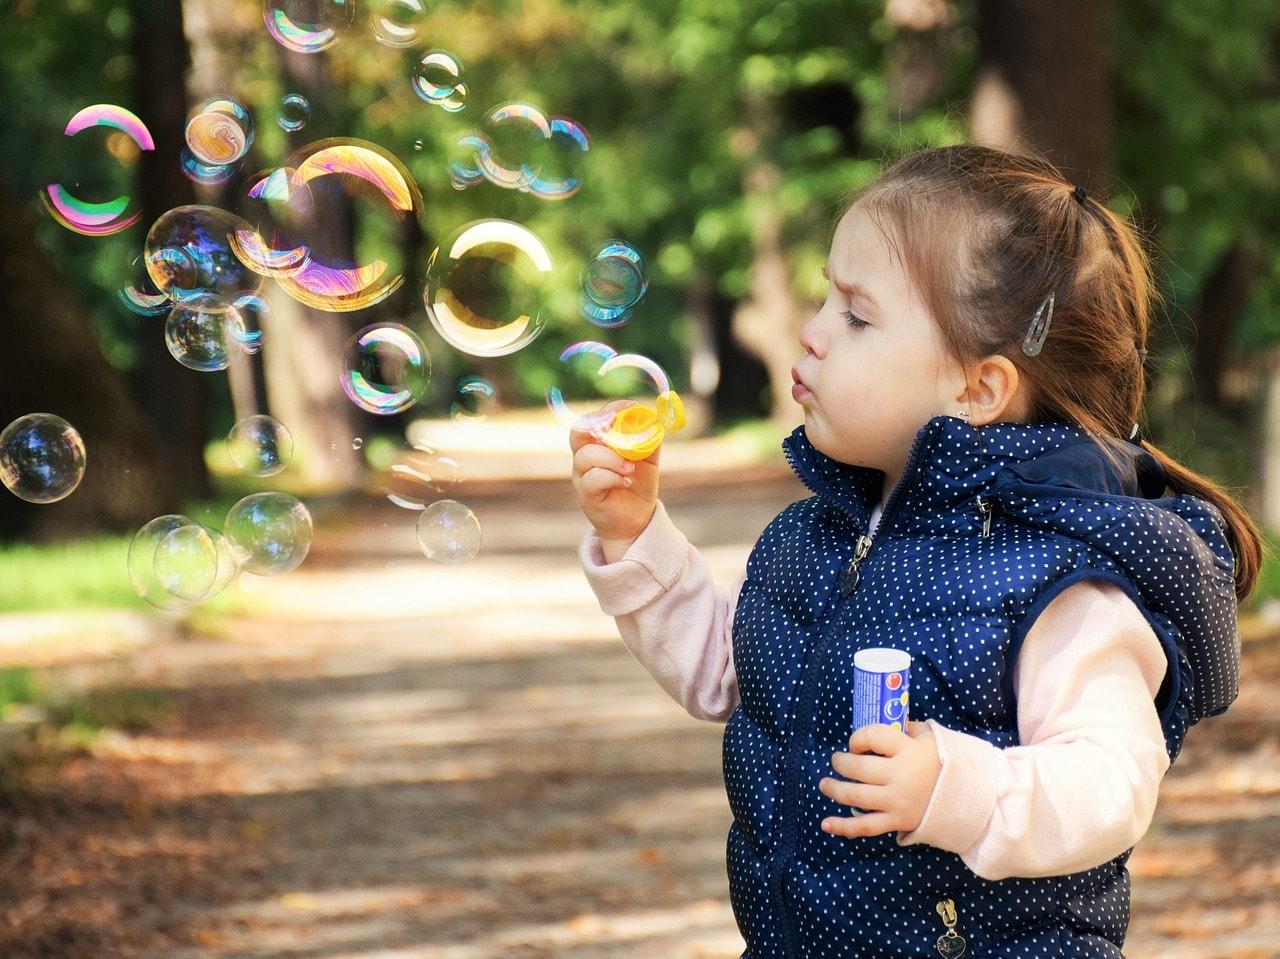 Kind Mädchen spielt mit Seifenblasen